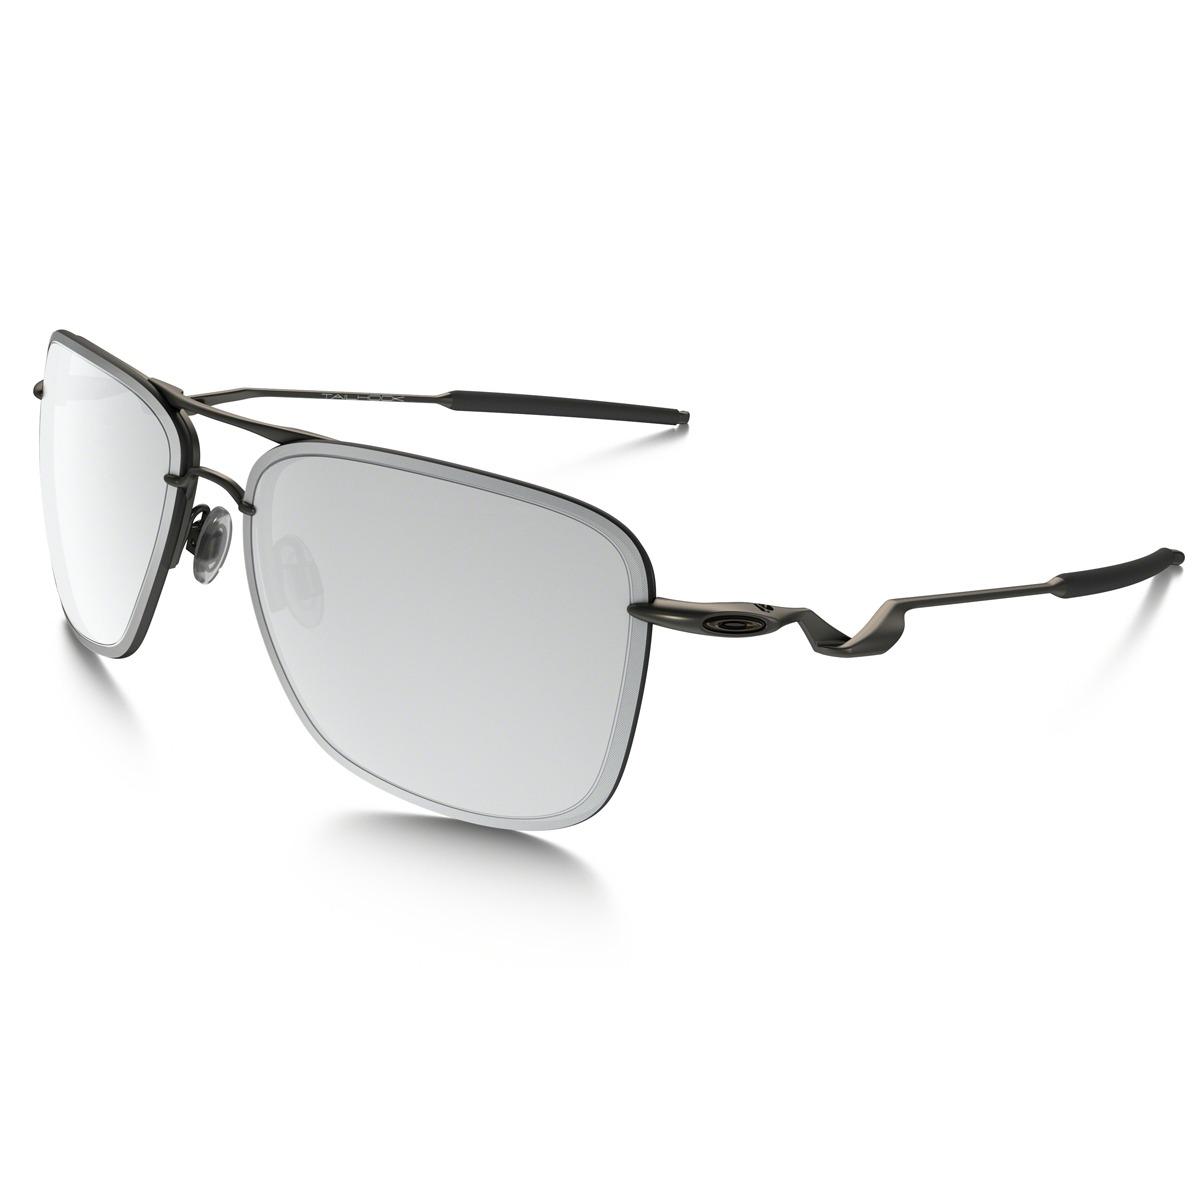 1ac55520086e3 óculos oakley tailhook carbon c  chrome iridium. Carregando zoom.